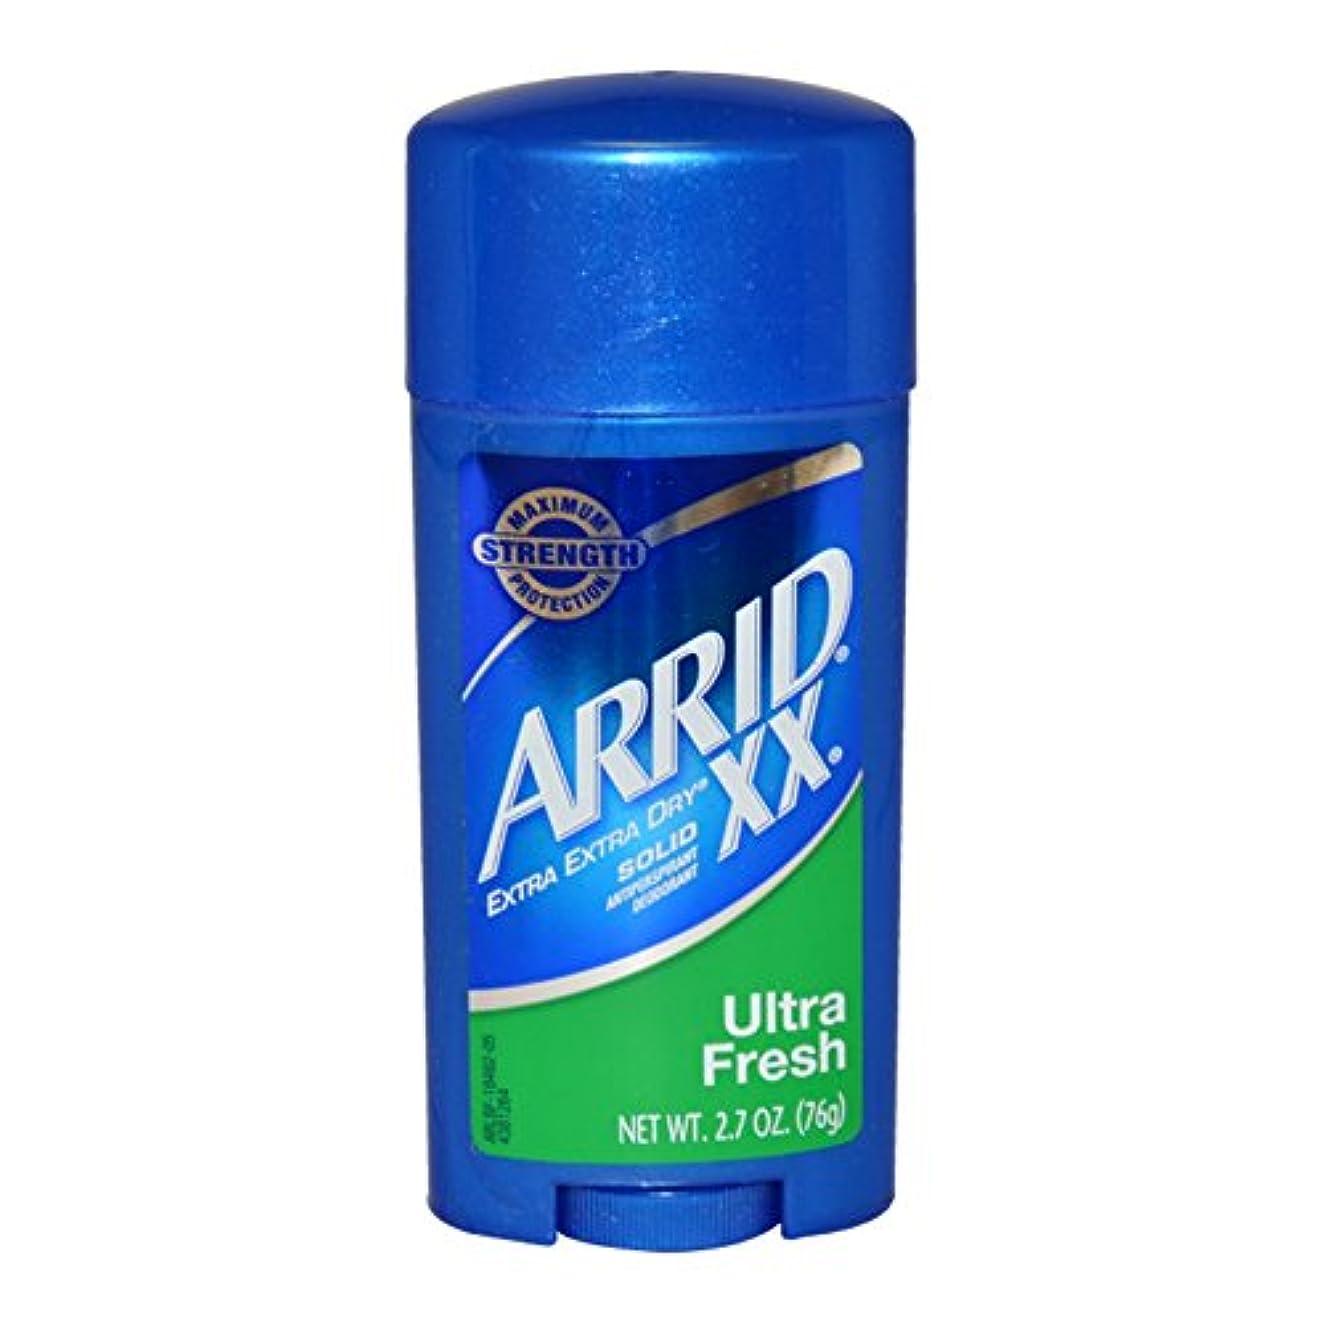 地域のふさわしい本物のArrid XX Antiperspirant Deodorant, Solid, Ultra Fresh - 2.7 oz (76 g) アリッド デオドラントソリッドウルトラフレッシュ [並行輸入品]